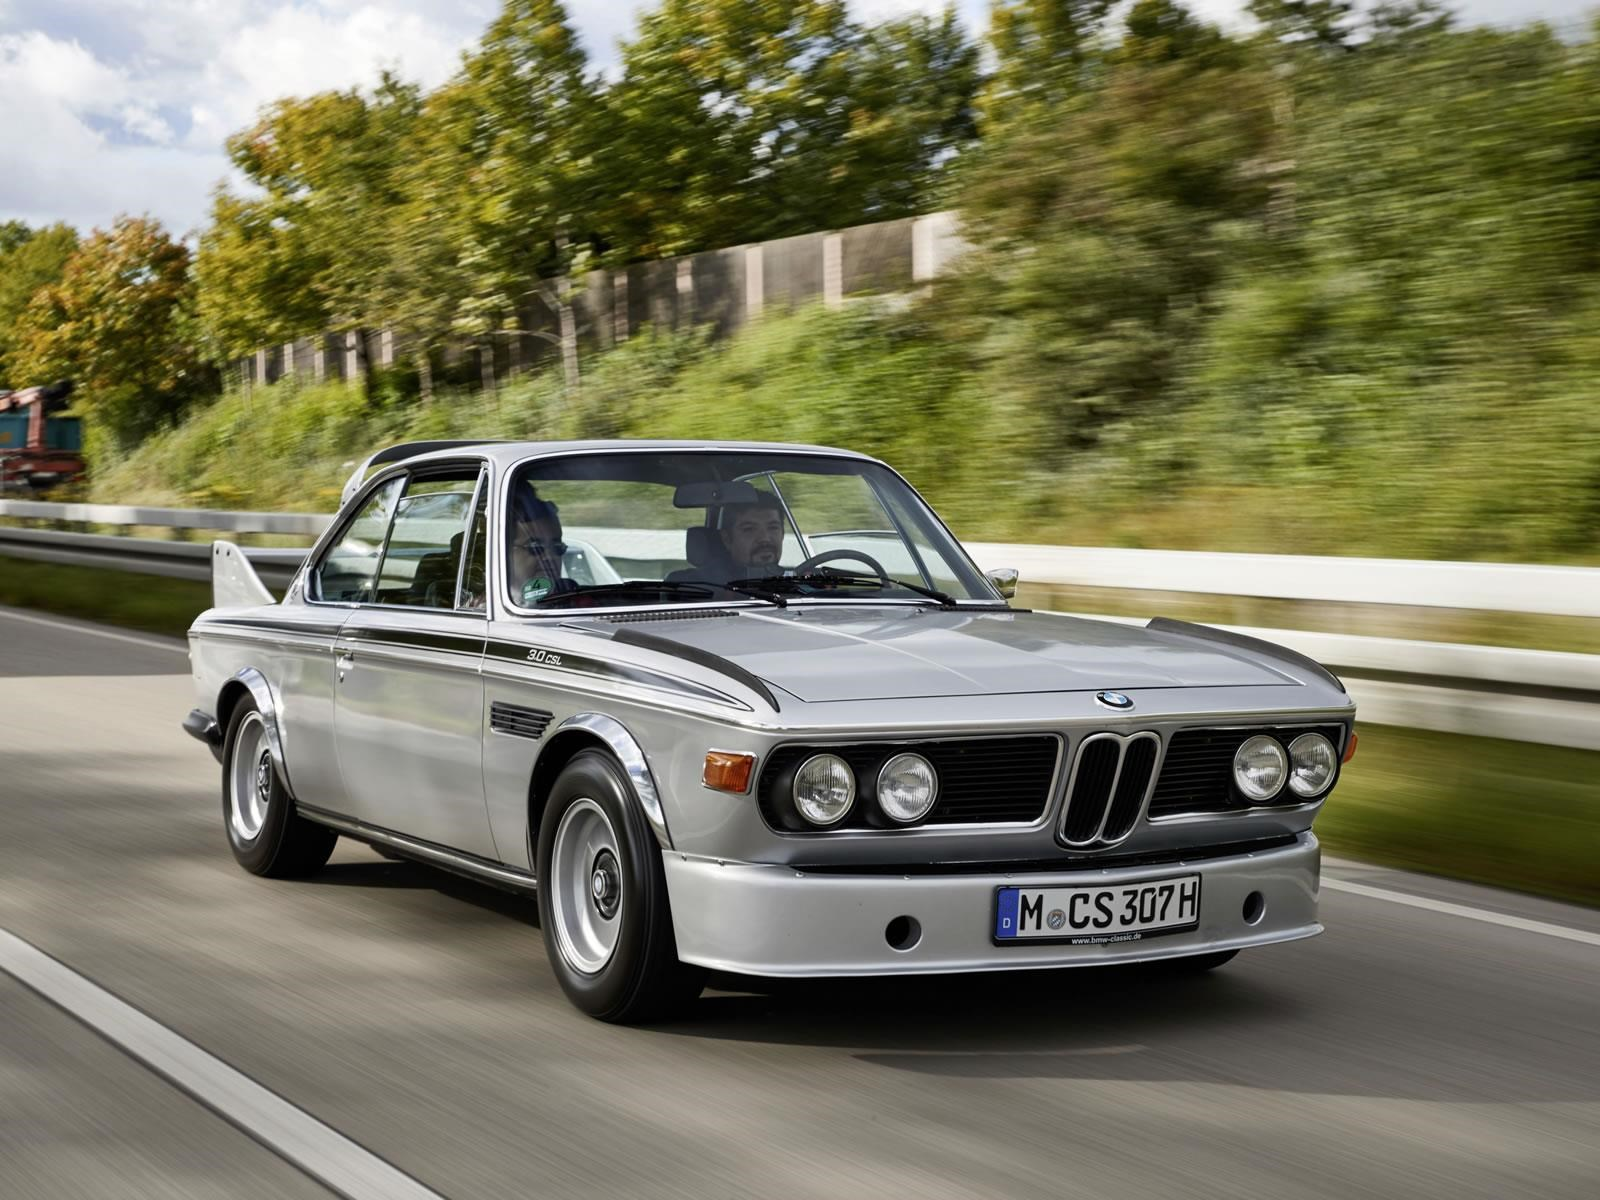 Manejamos el BMW 3.0 CSL Batmobile, el M que lo empezó todo